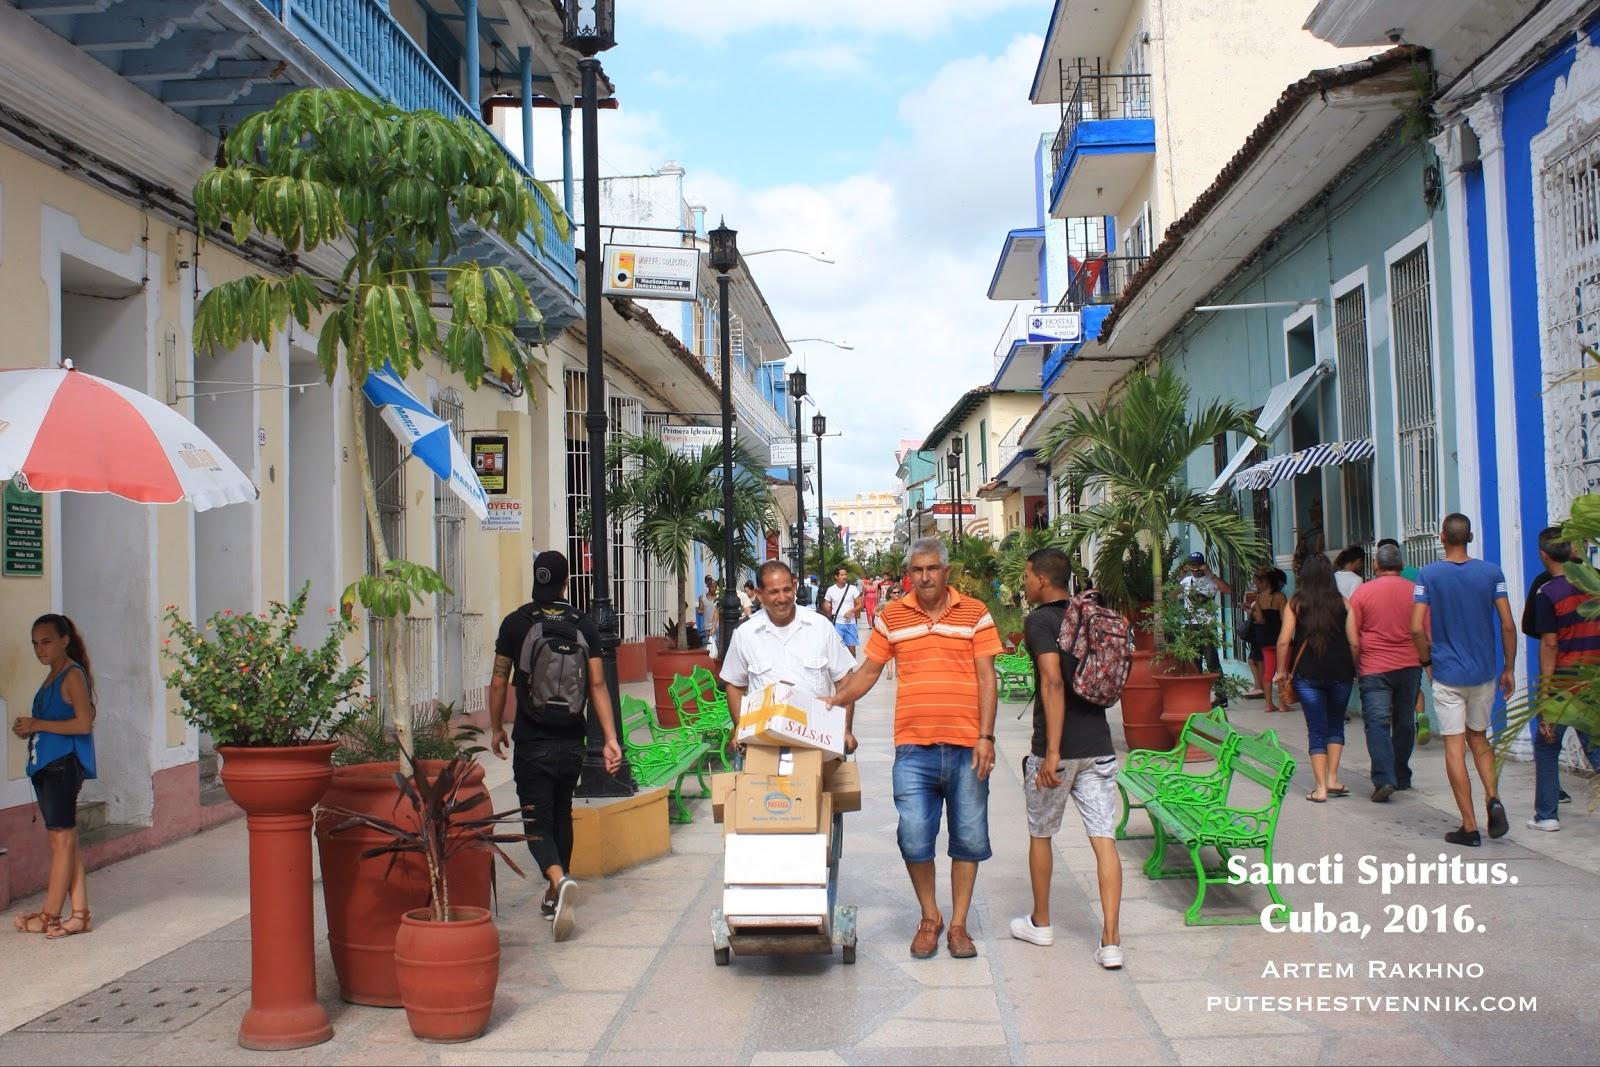 Улица в центре города Санкти-Спиритус